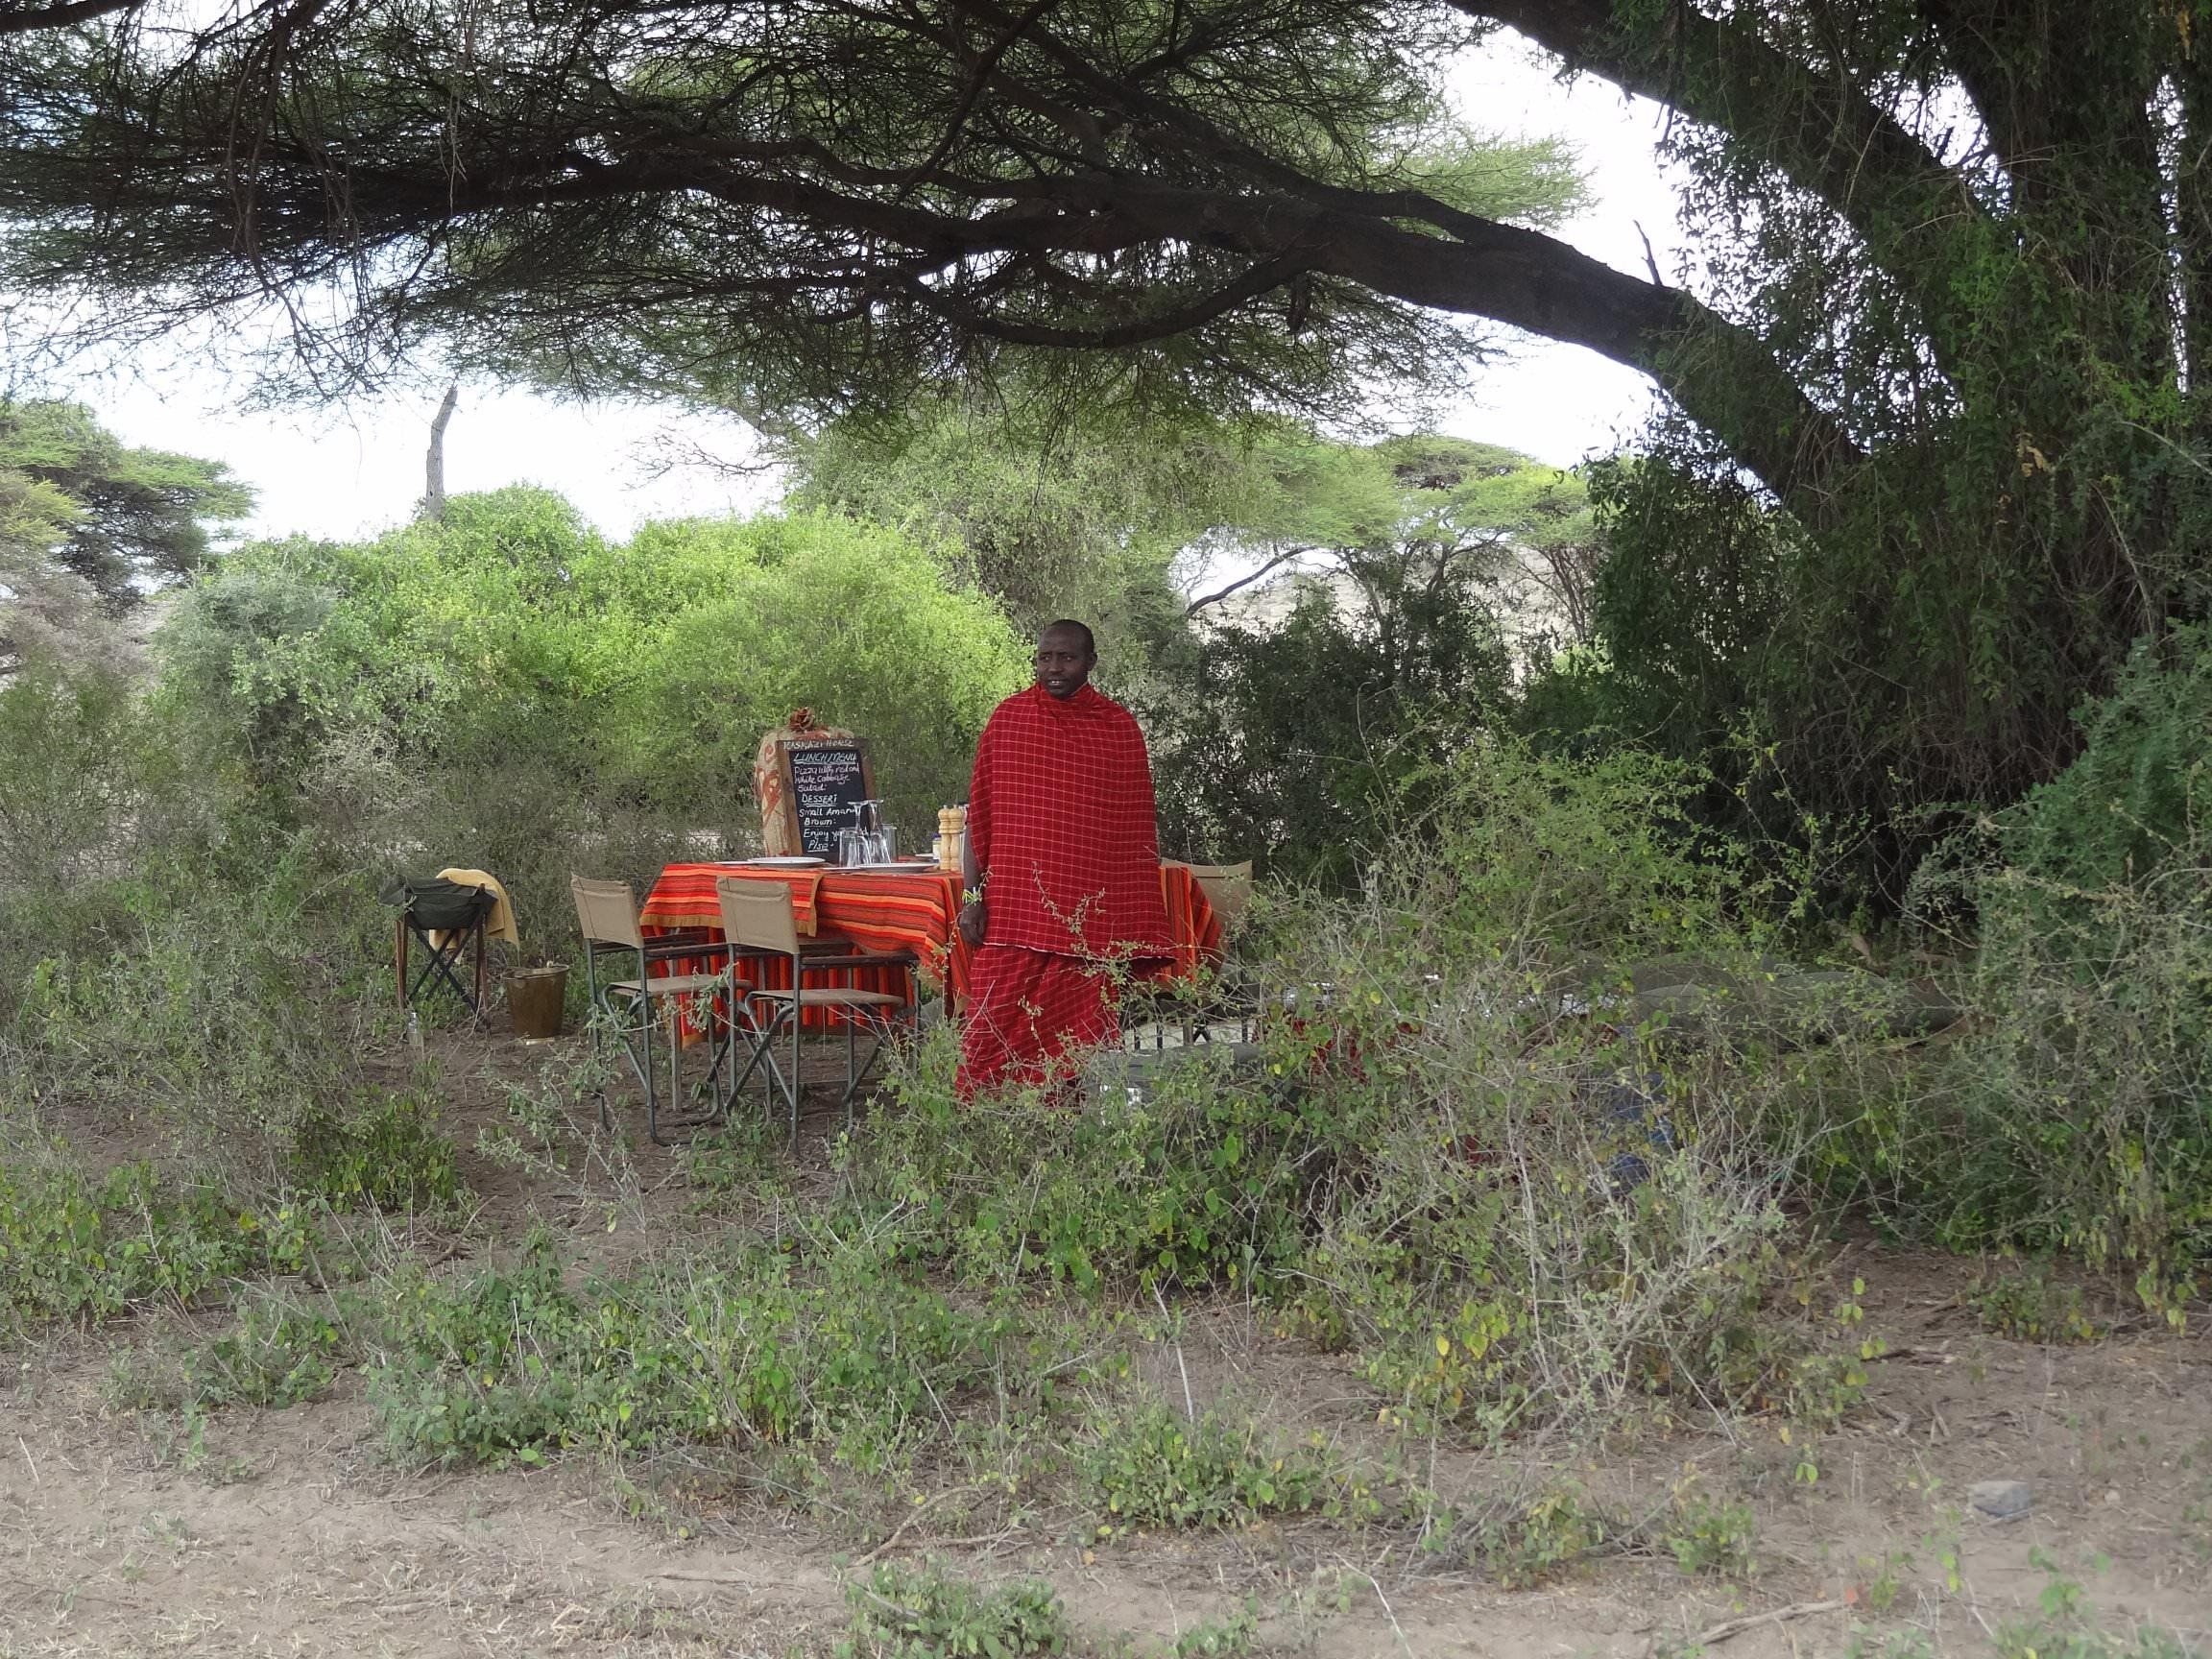 Picnic in the bush